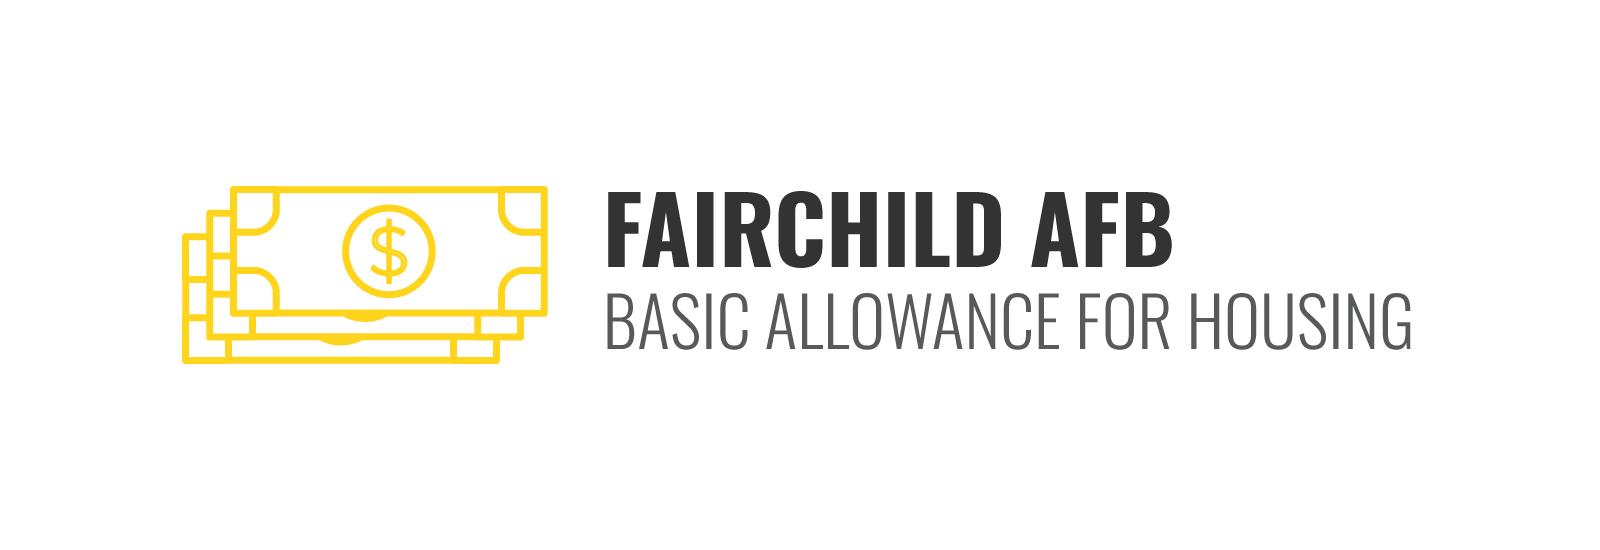 Fairchild AFB BAH